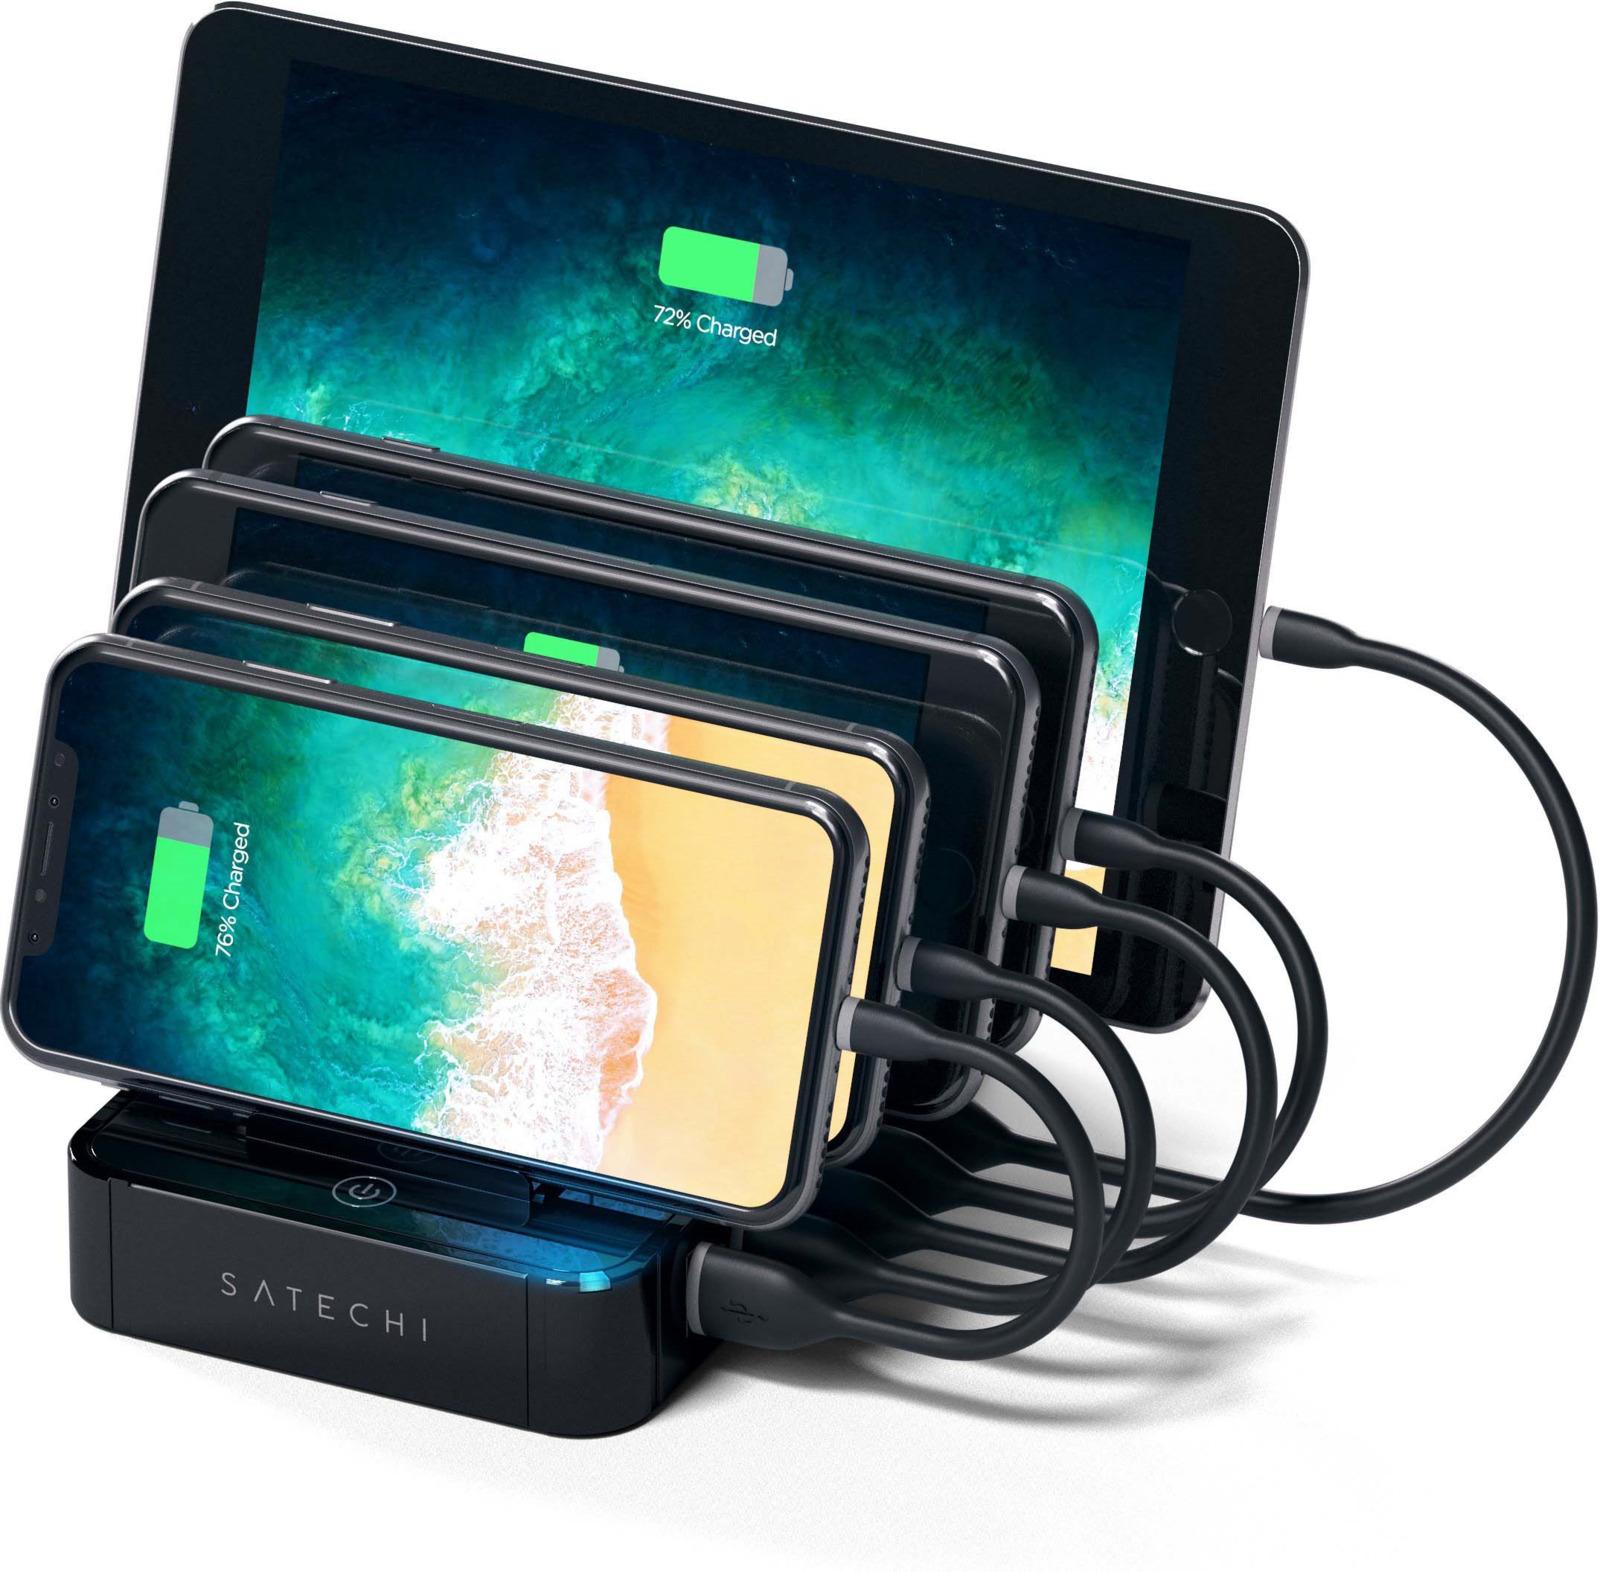 Зарядная док-станция Satechi 5-Port USB Charging Station Dock, ST-MCS5B, черный ikki mini charging dock w data charging cable for lg nexus 5